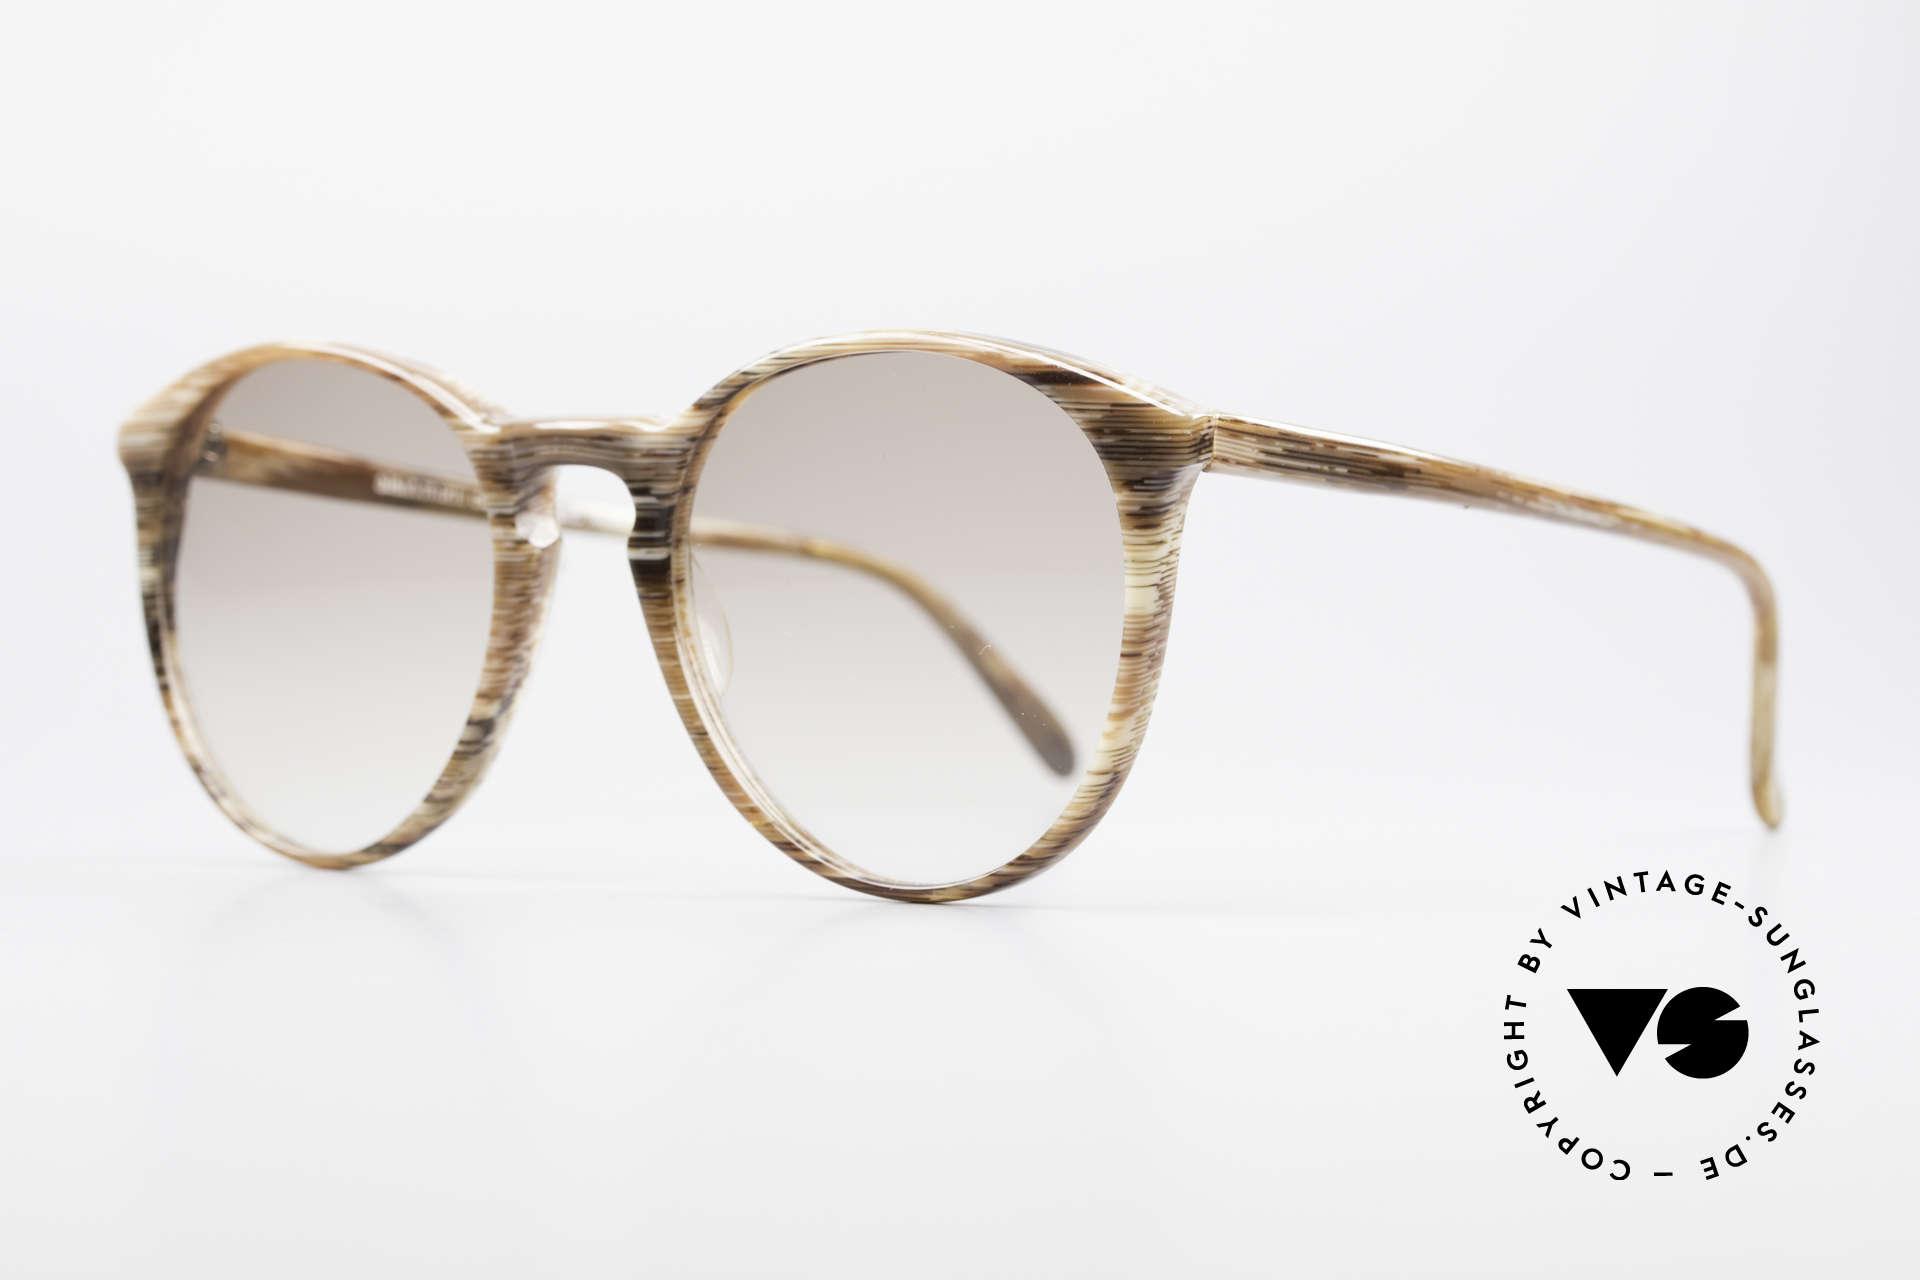 Alain Mikli 901 / 153 Horn Optik Panto Sonnenbrille, grandioses Rahmenmuster in einer Art 'Horn-Optik', Passend für Herren und Damen